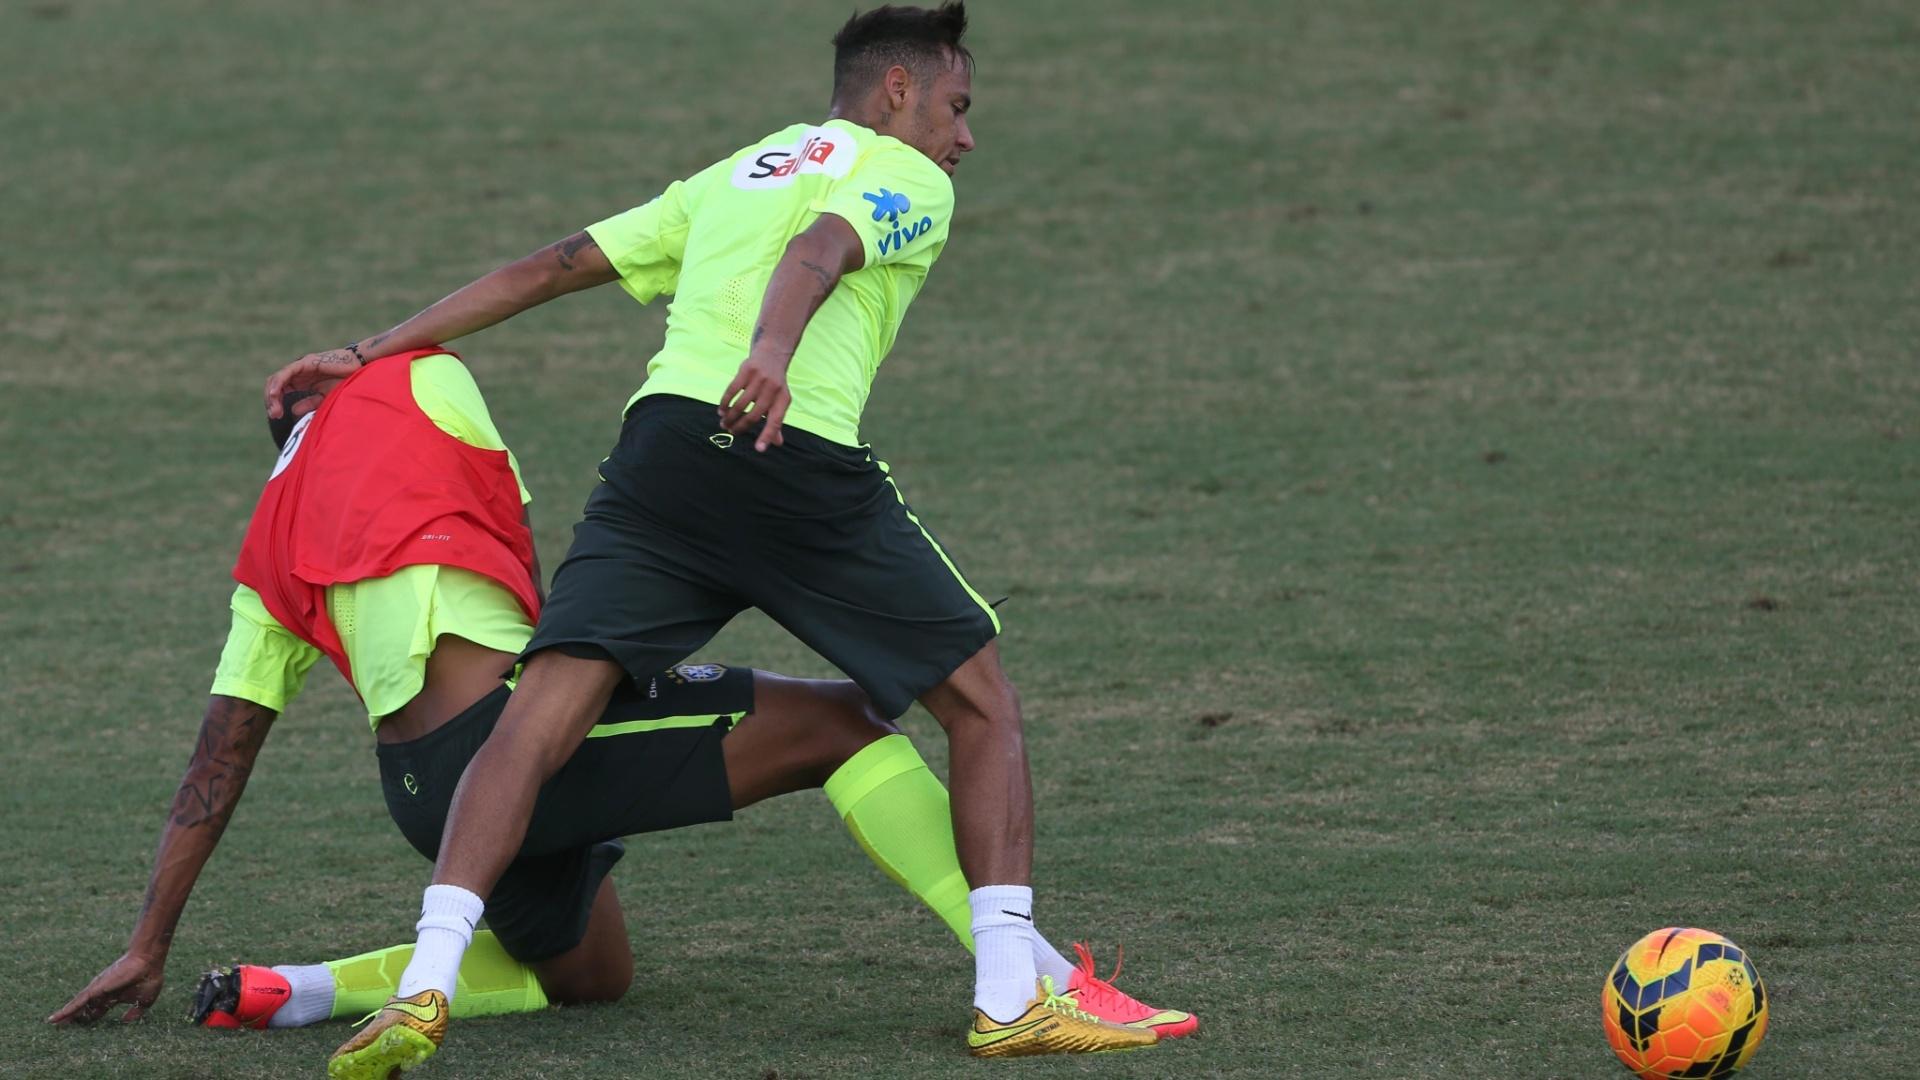 02. set. 2014 - Neymar disputa bola durante o primeiro treinamento da seleção brasileira sob o comando do técnico Dunga, nos Estados Unidos